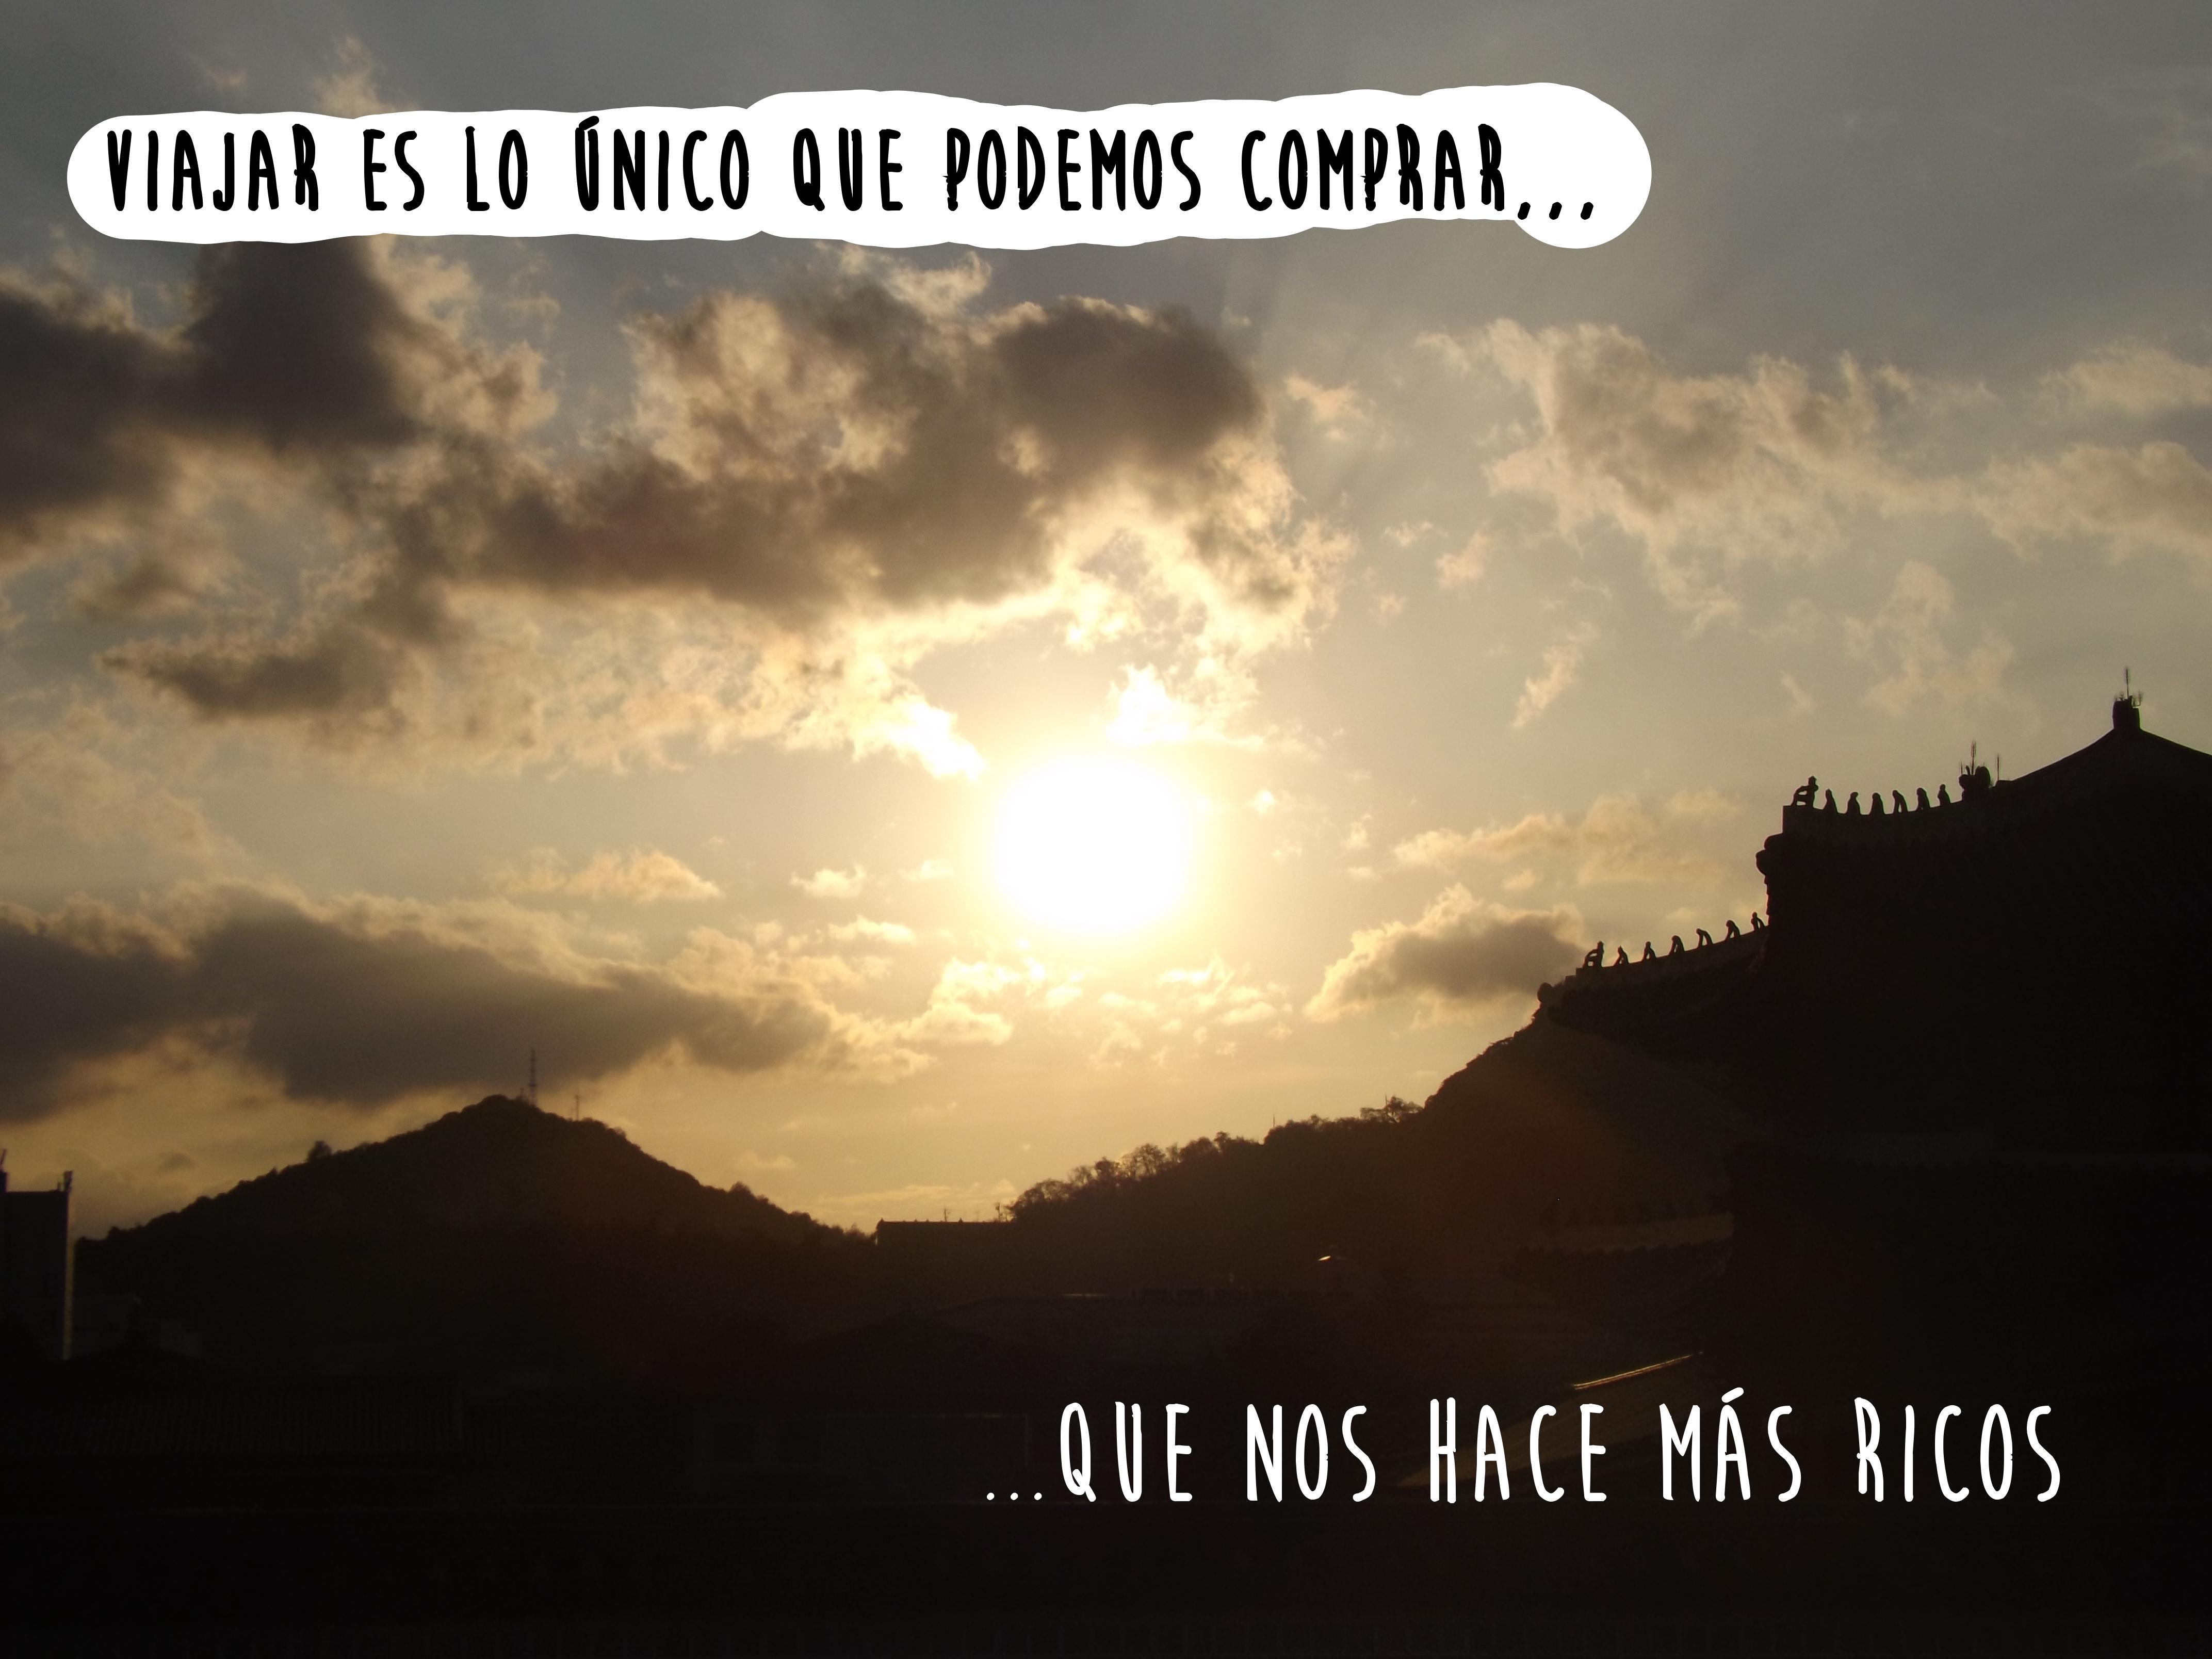 ViajarRico